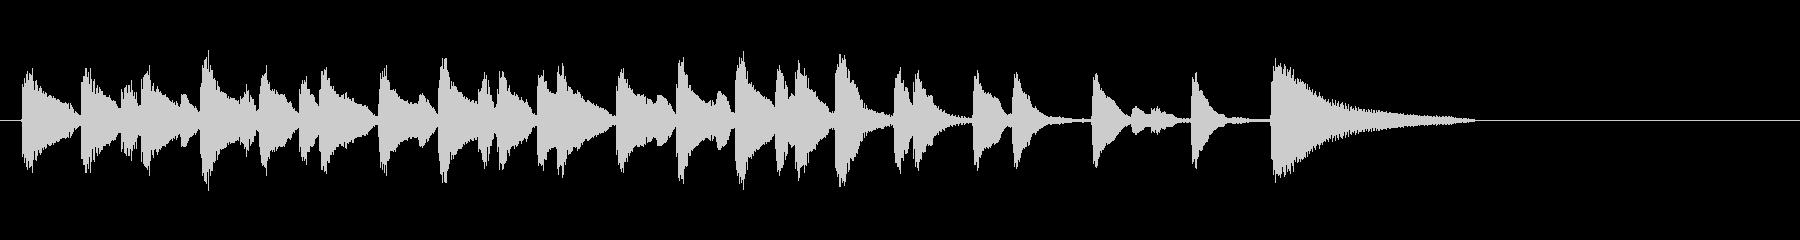 テーマ1B:ベース、ピアノの未再生の波形